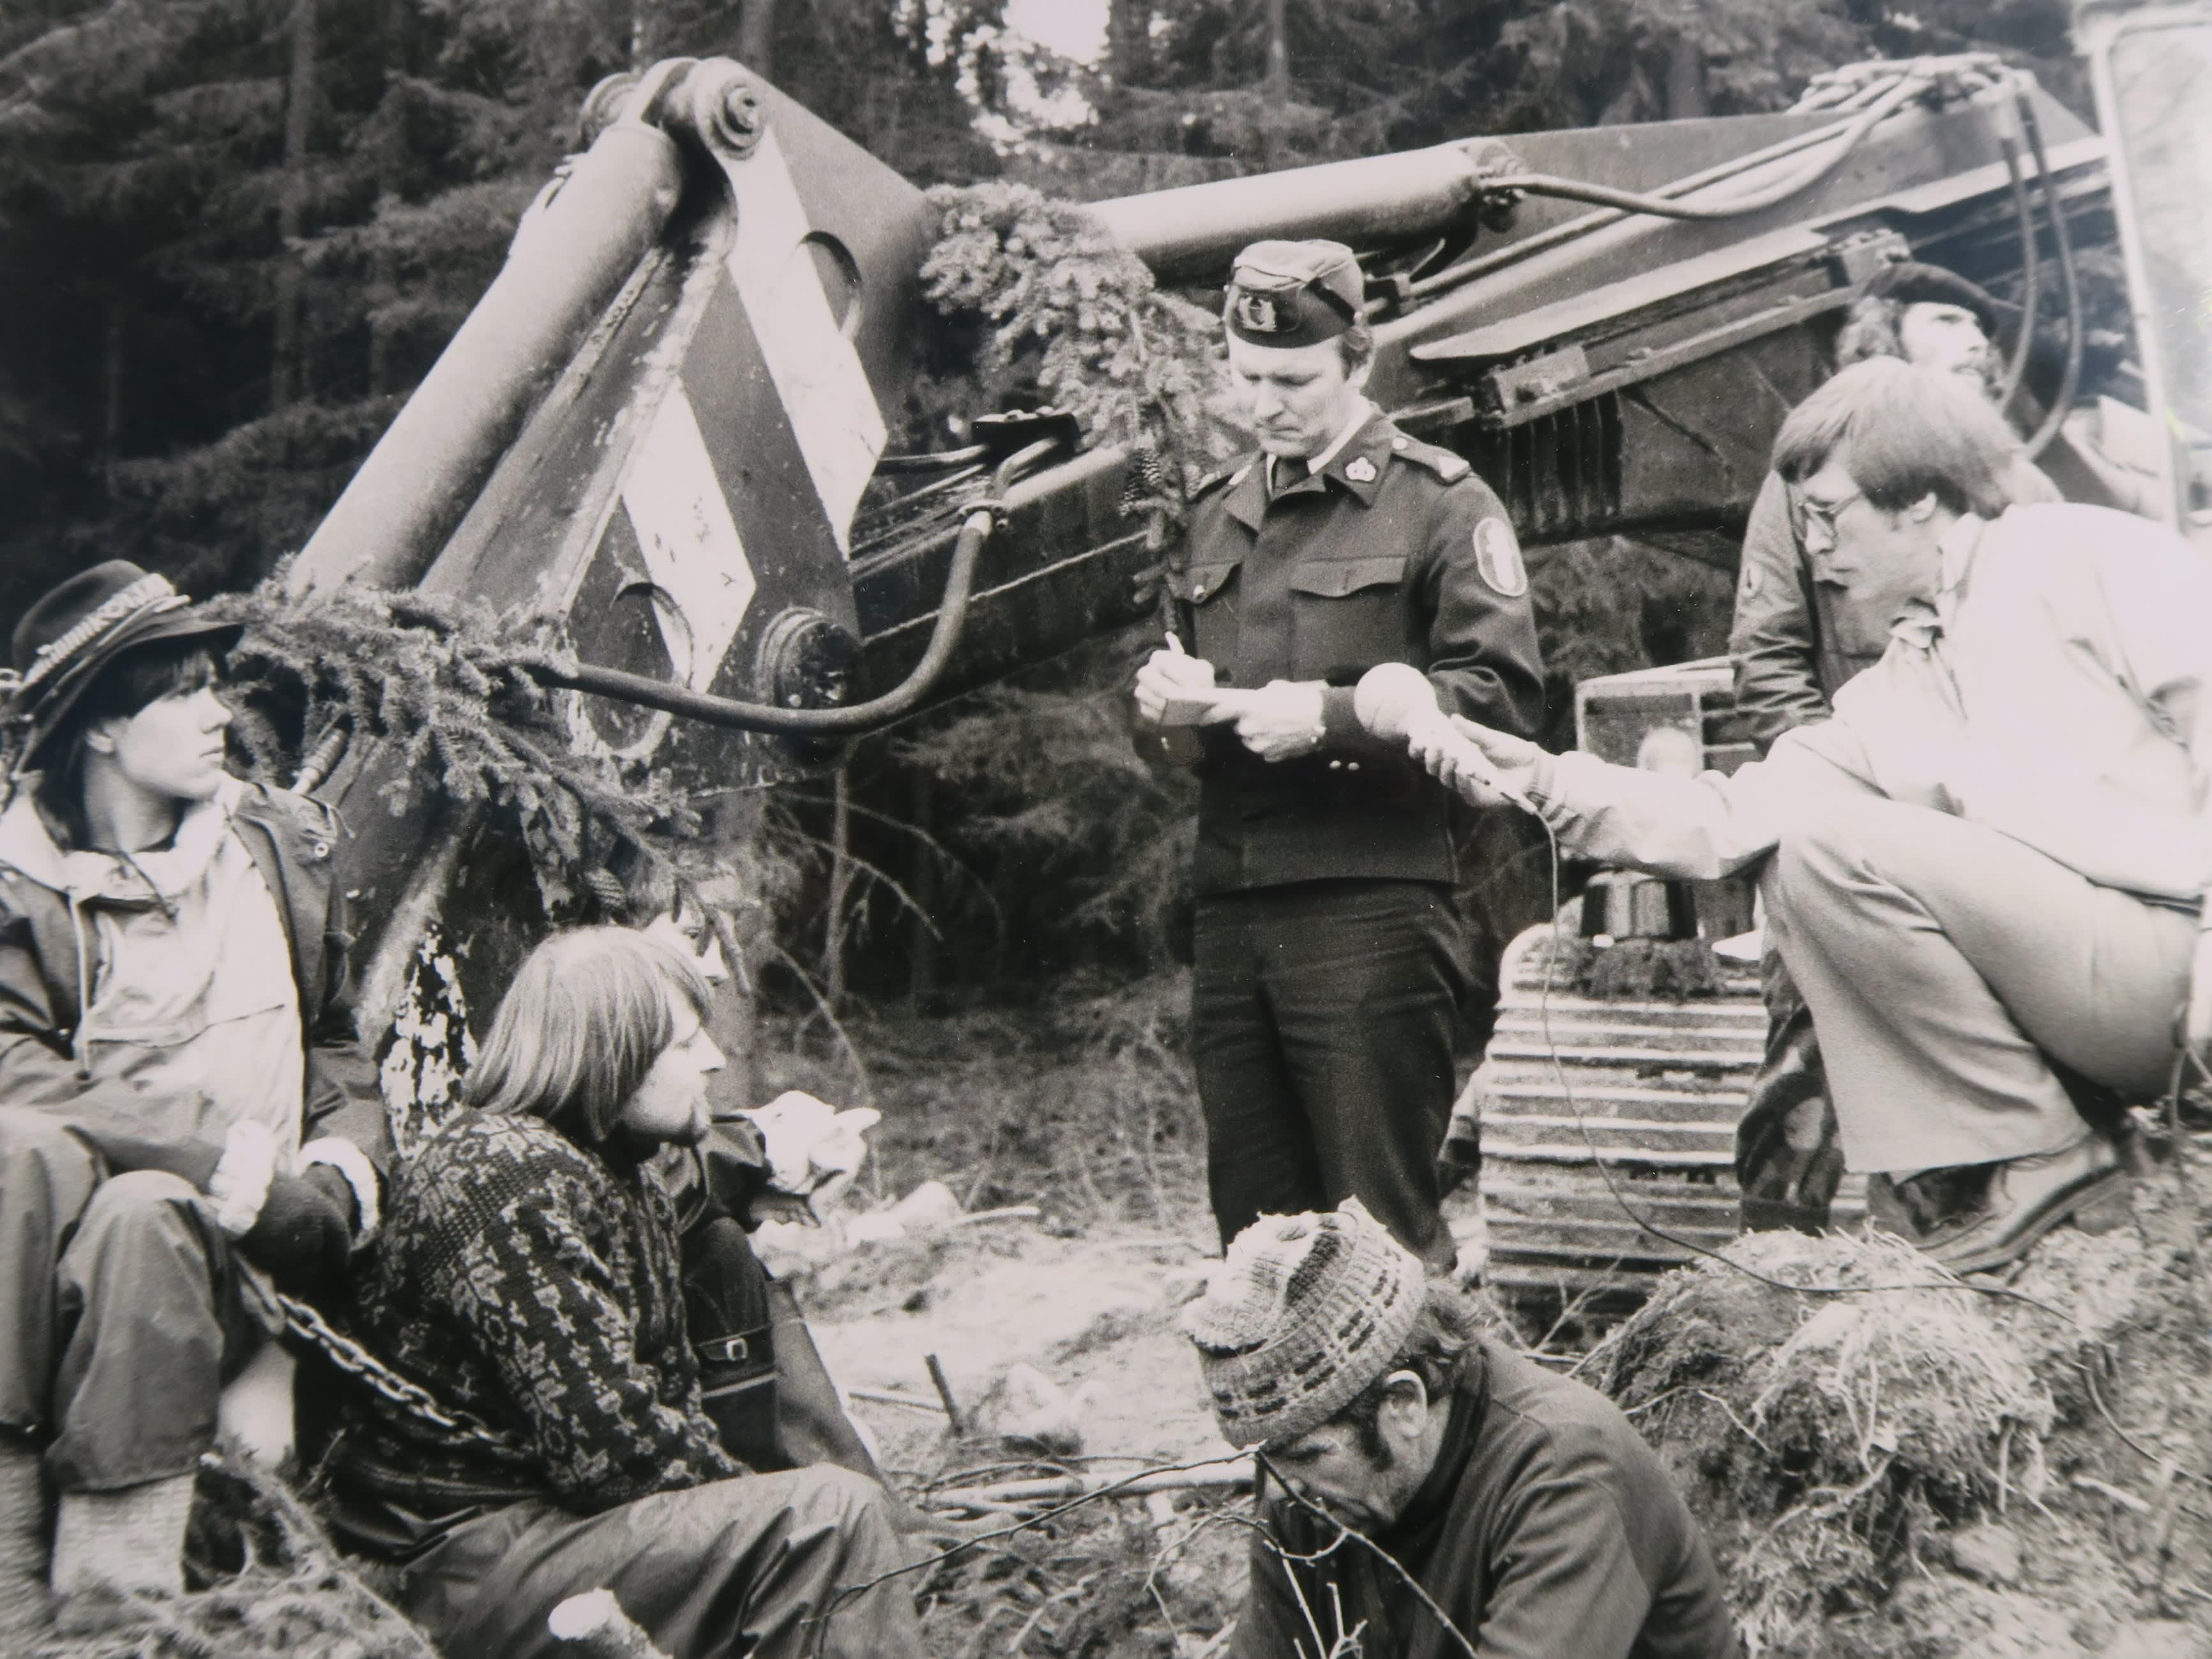 Luontoaktivistit, poliisi ja toimittaja Koijärvellä